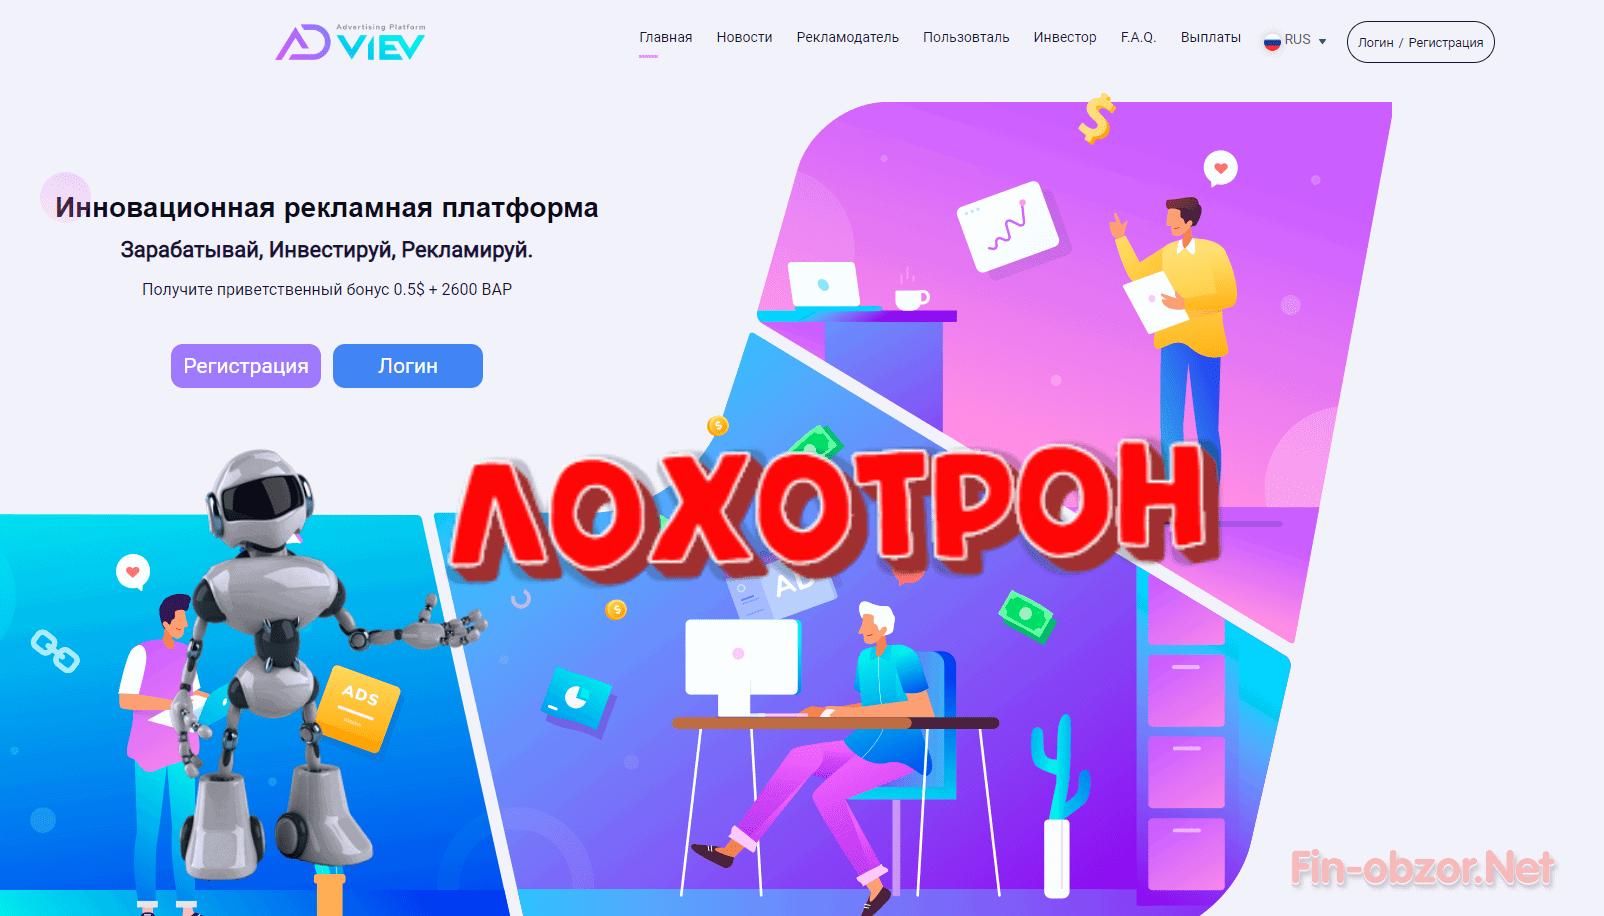 Реальные отзывы о Adviev.com - обзор и проверка пирамиды